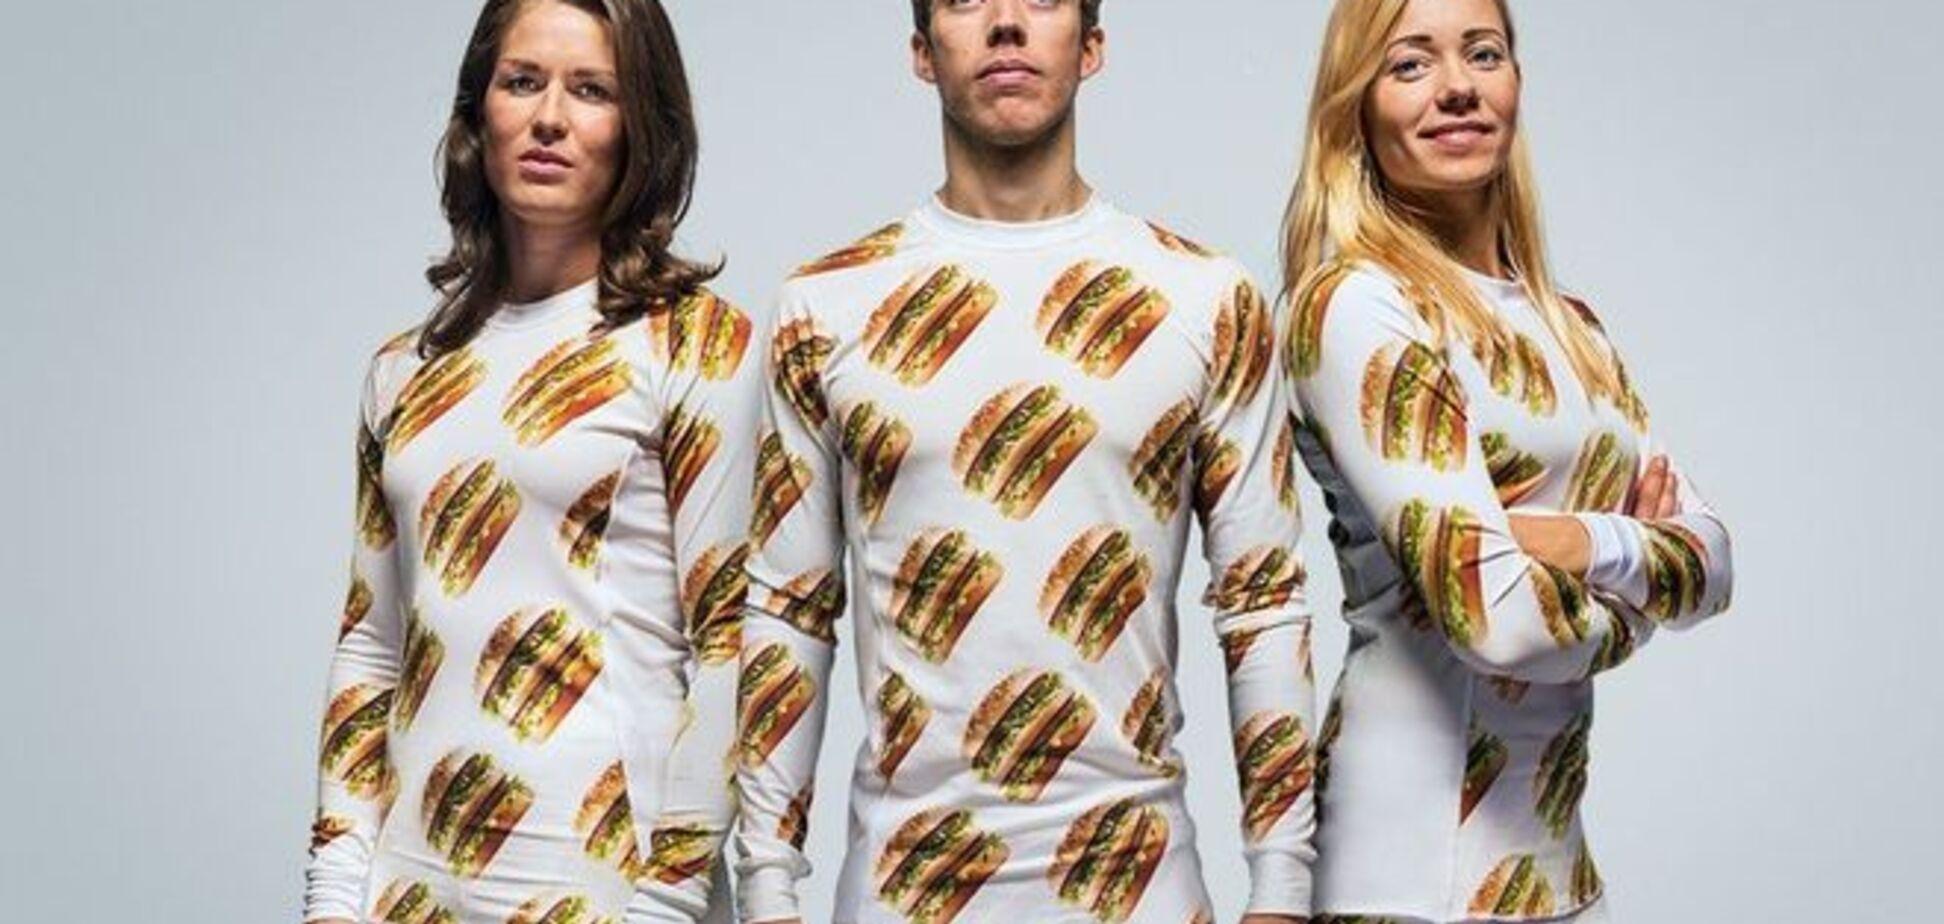 Человек-бутерброд: McDonalds запустил линию 'вредной' одежды с биг-маками - фото коллекции